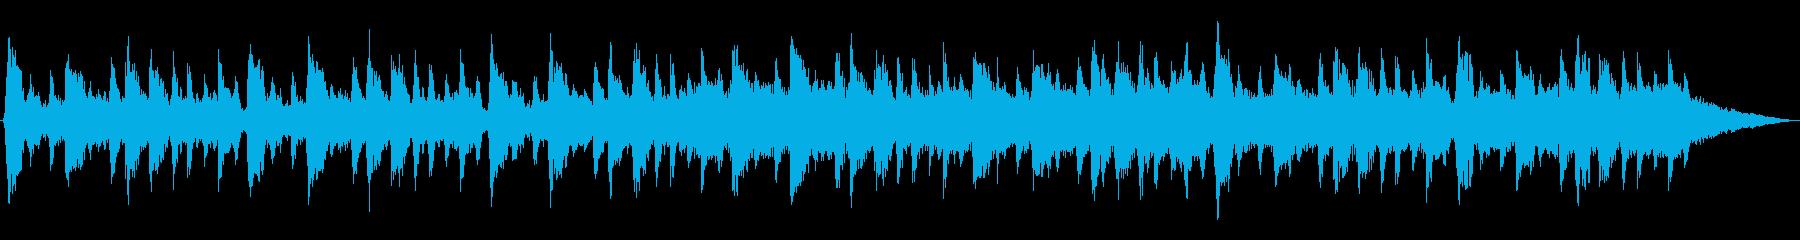 ダイナミックなクライマックスを伴う...の再生済みの波形